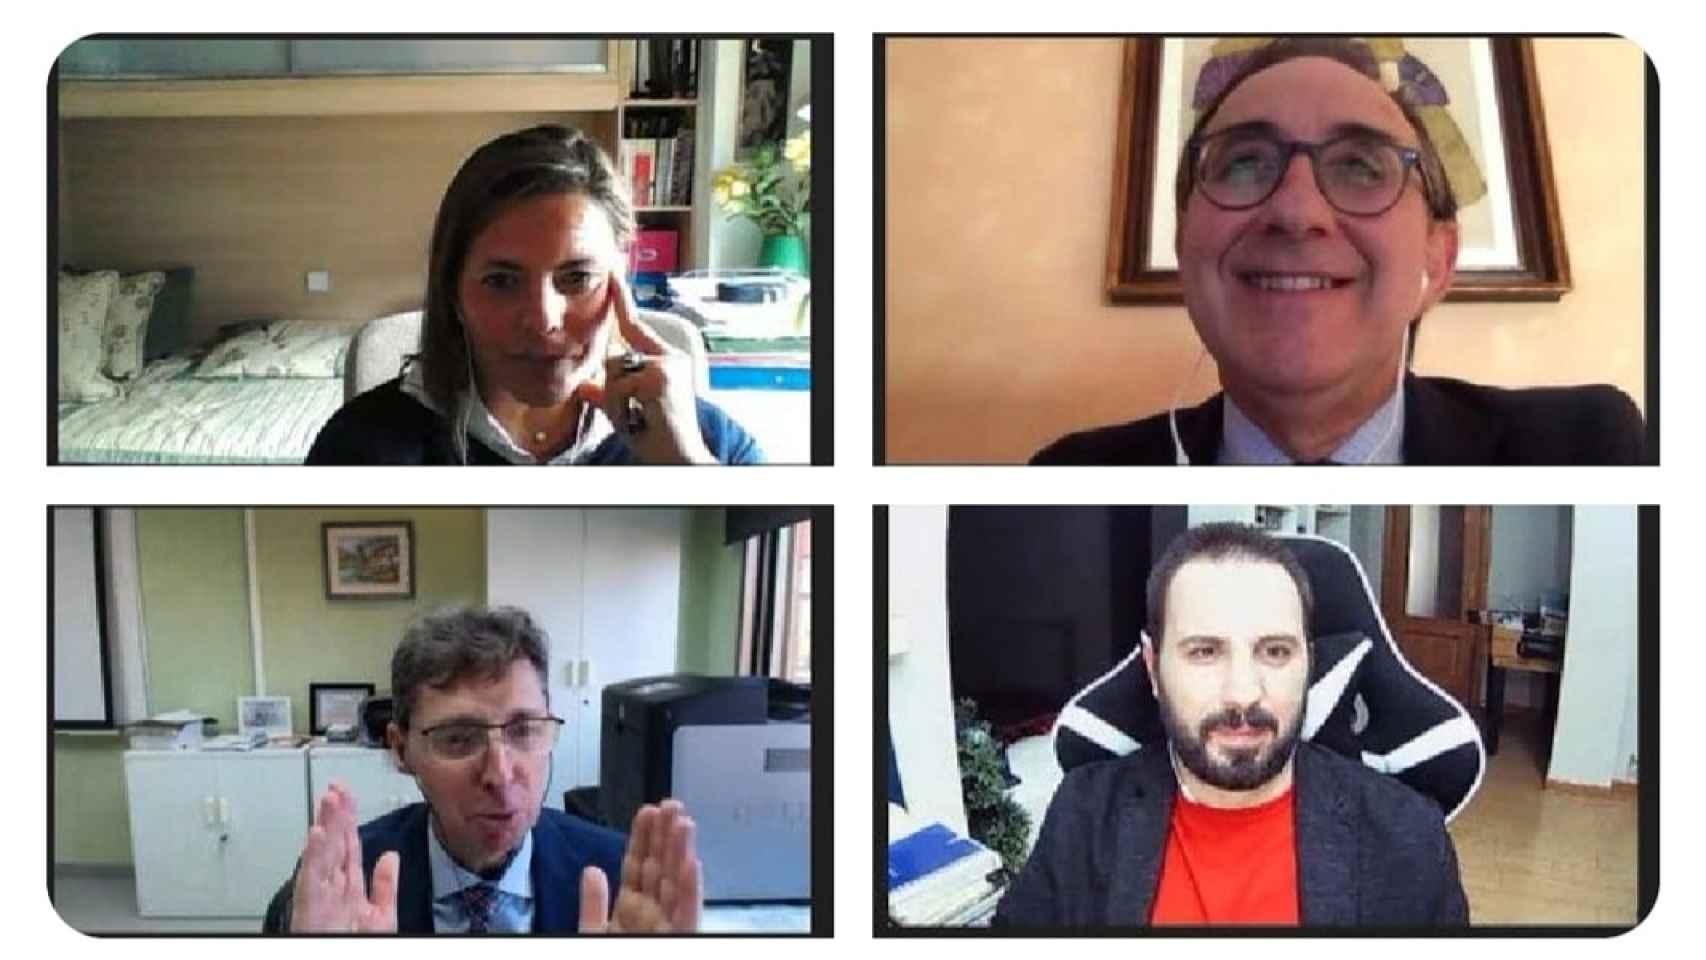 Rosa Elvira Lillo, Jesús Carretero, Arturo Azcorra, investigadores de la UC3M, y Alberto Iglesias, moderador